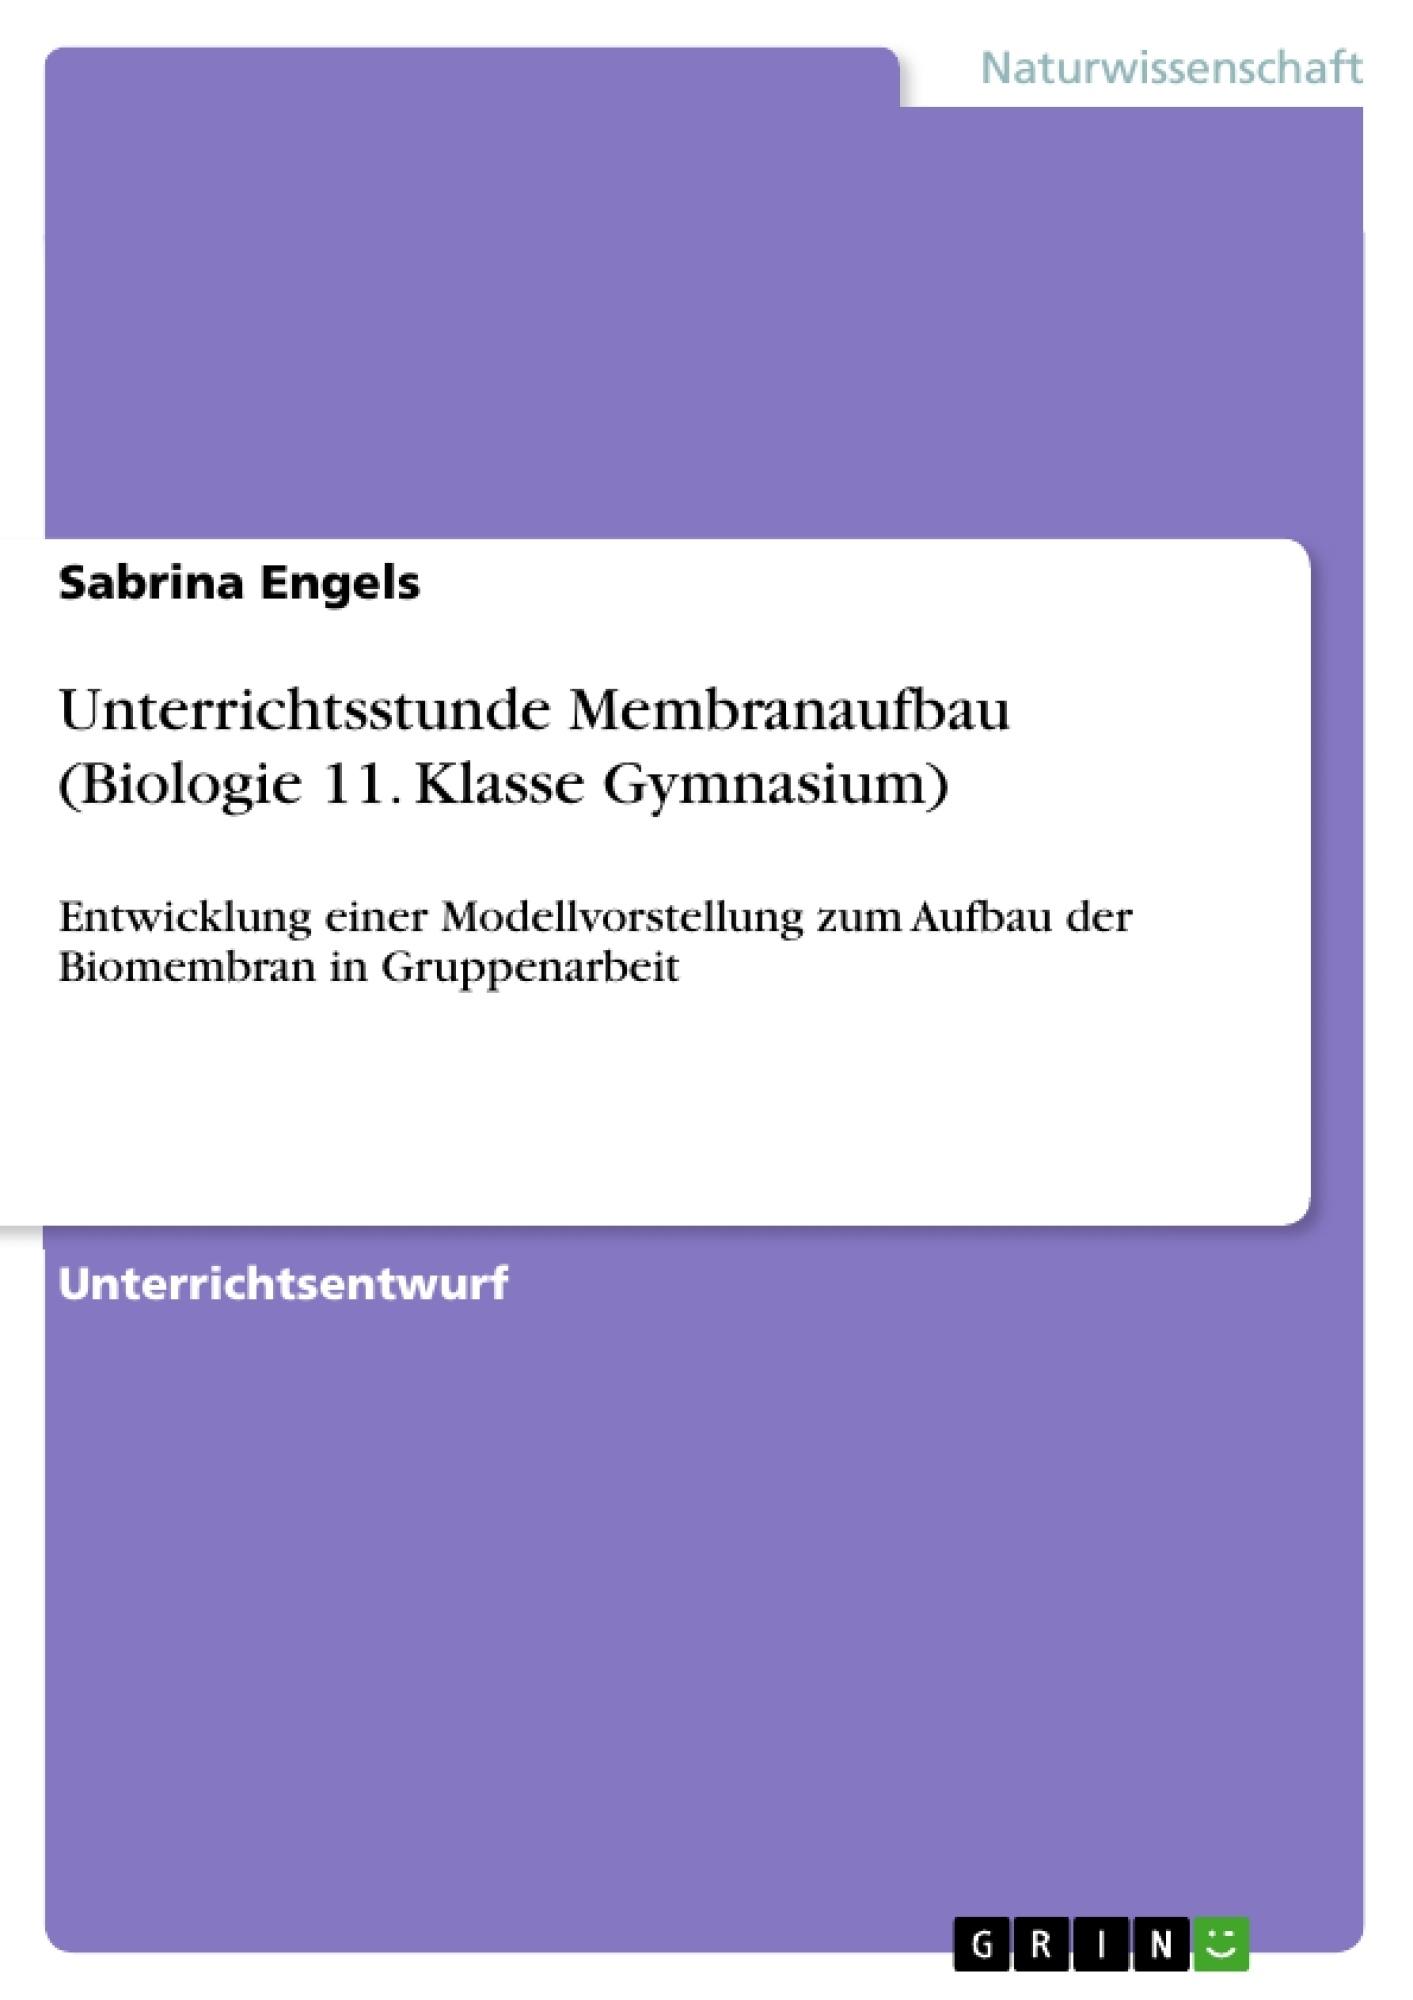 Titel: Unterrichtsstunde Membranaufbau (Biologie 11. Klasse Gymnasium)